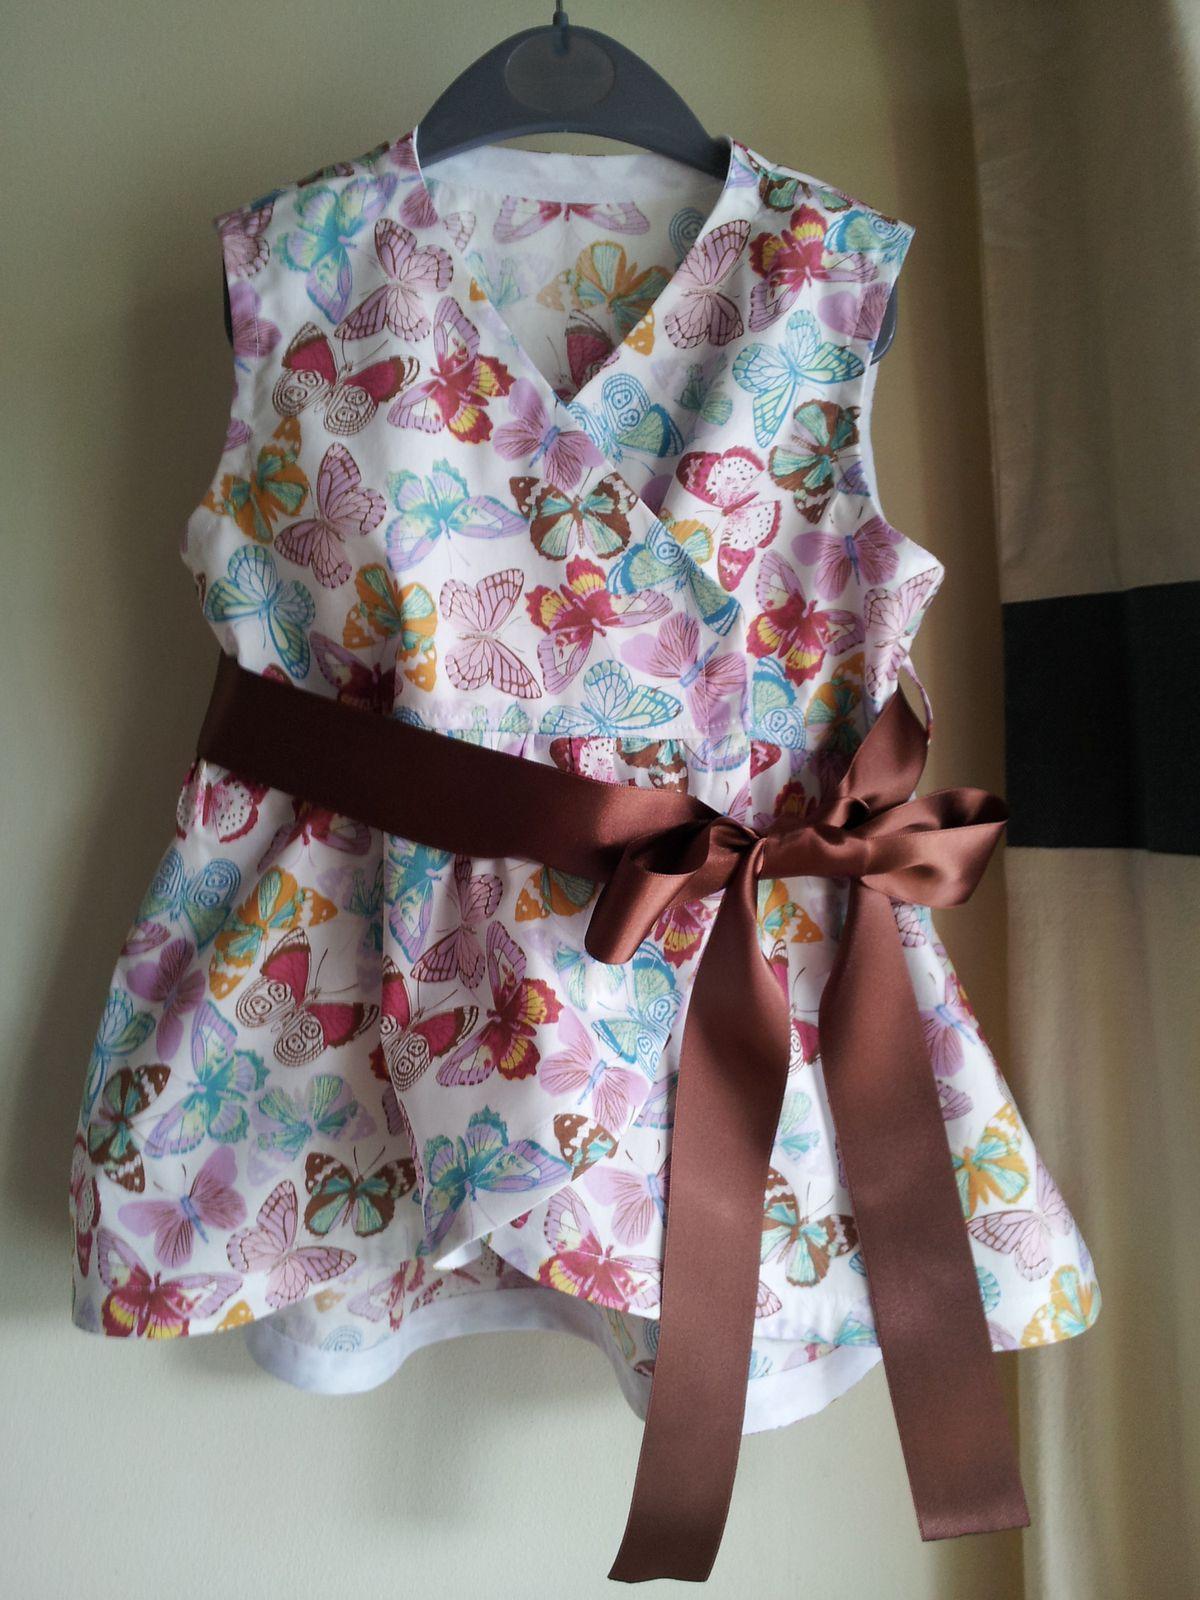 Il m'arrive aussi régulièrement de confectionner des habits pour ma fille Chloé, qui aodre que maman lui fasse des modèles que ces copines d'école n'auront pas dans la cours.